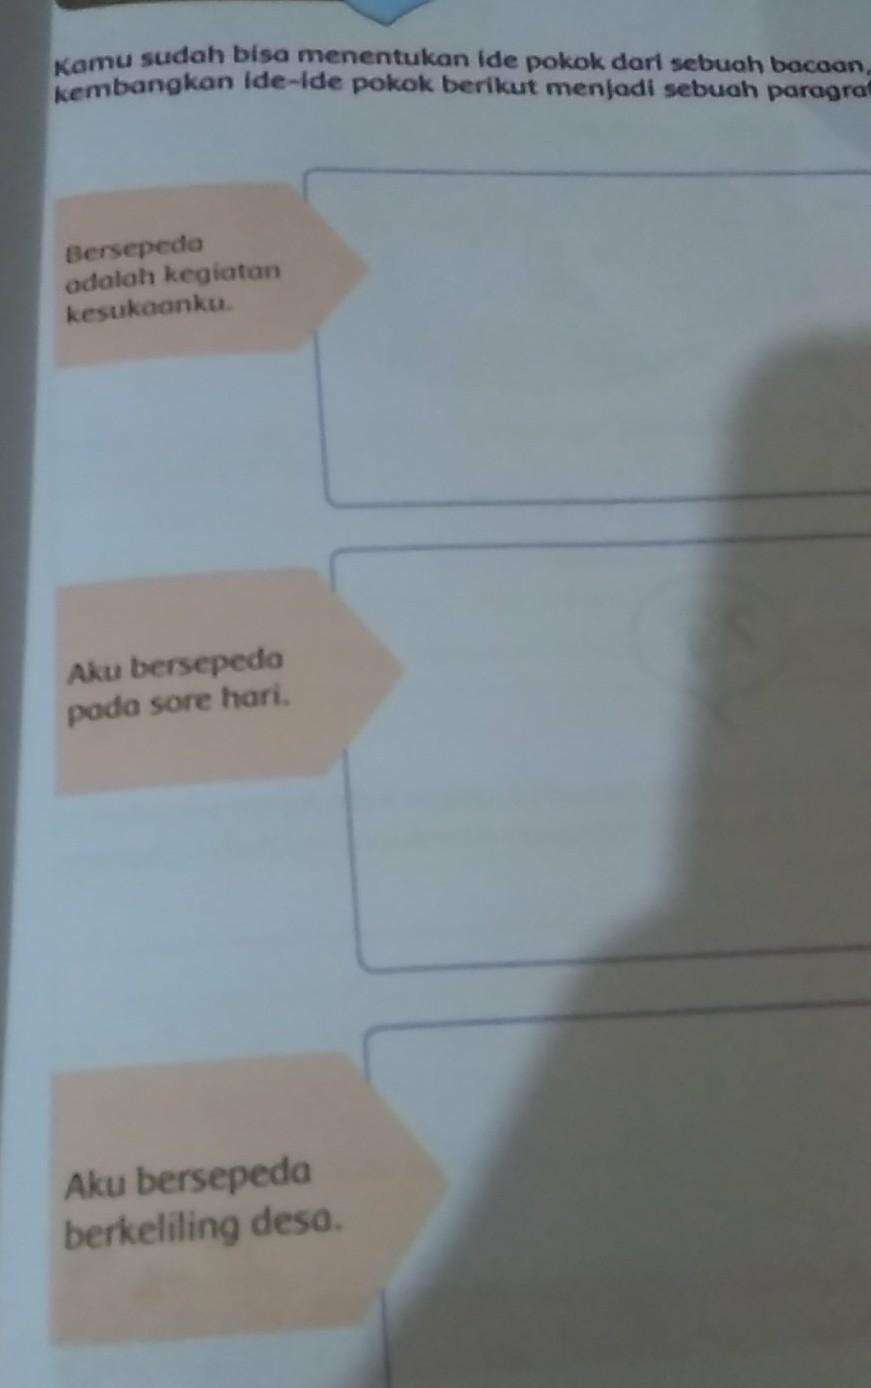 Ide Pokok Sebuah Paragraf : pokok, sebuah, paragraf, Tolong, Jawab, Pertanyaan, Pleasekembangkan, Pokok, Menjadi, Sebuah, Paragraf, Cerita, Brainly.co.id